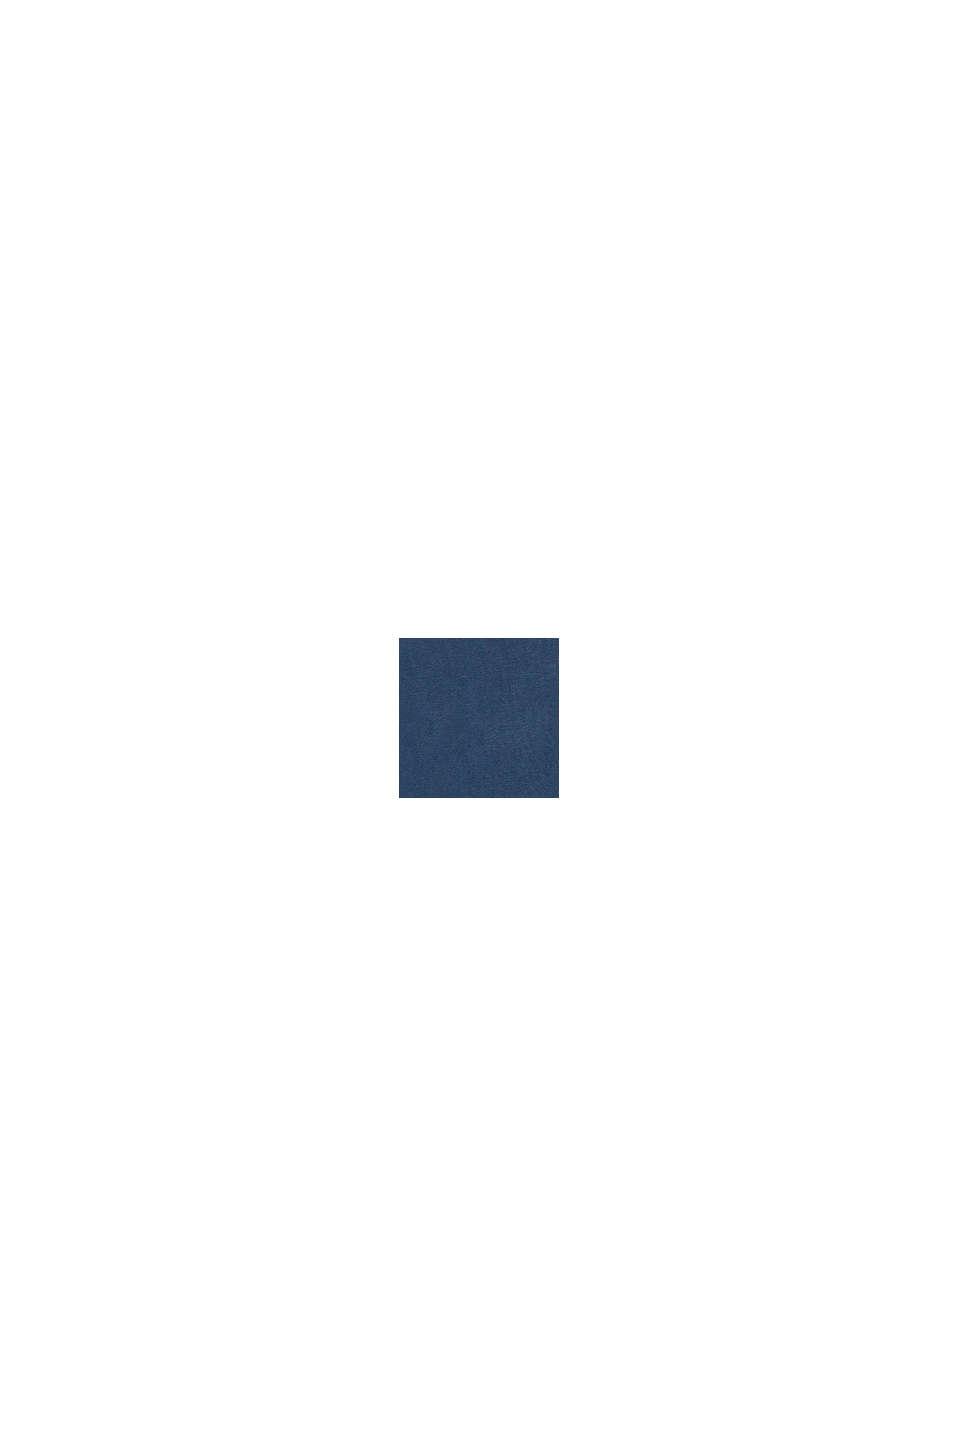 Jersey jurk met elastische taille, 100% katoen, PETROL BLUE, swatch